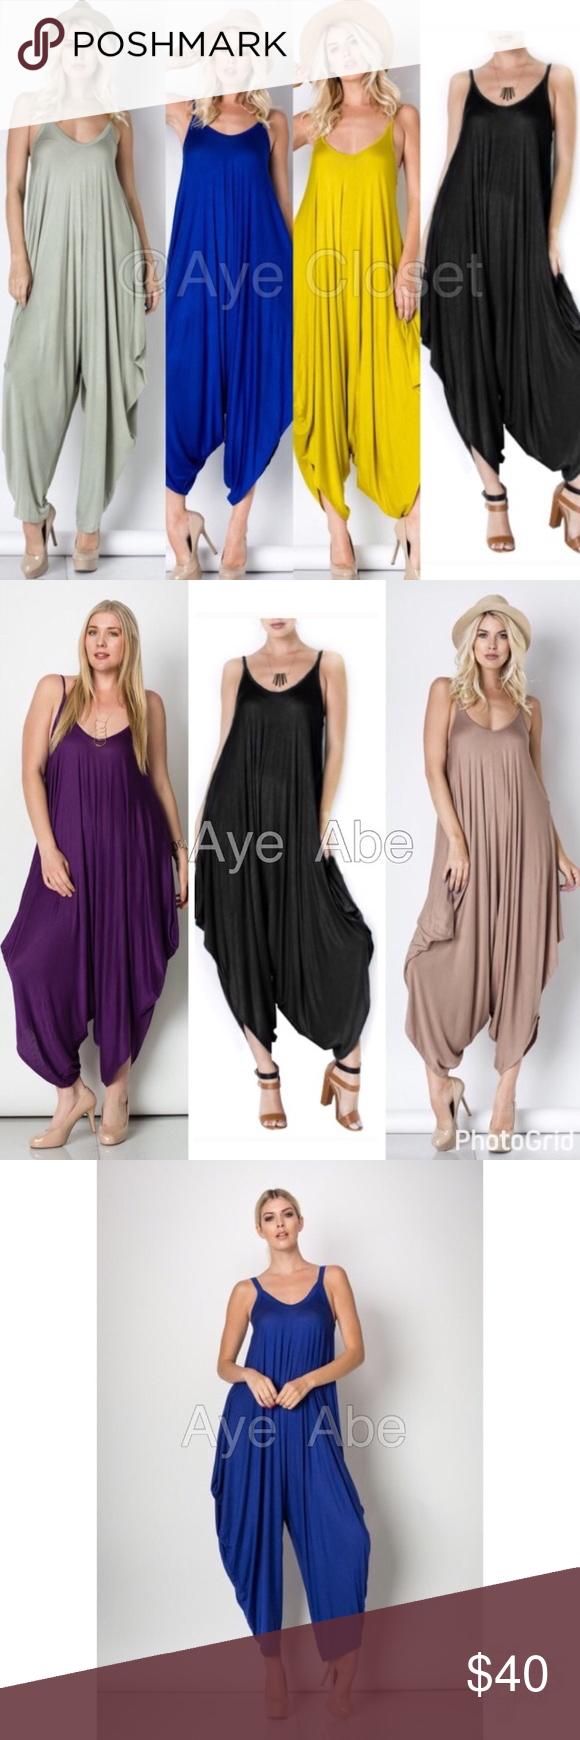 af6b1077424 Oversized loose harem jumpsuit dress sexy S-XL Brand new Oversized Loose  fit drape harem